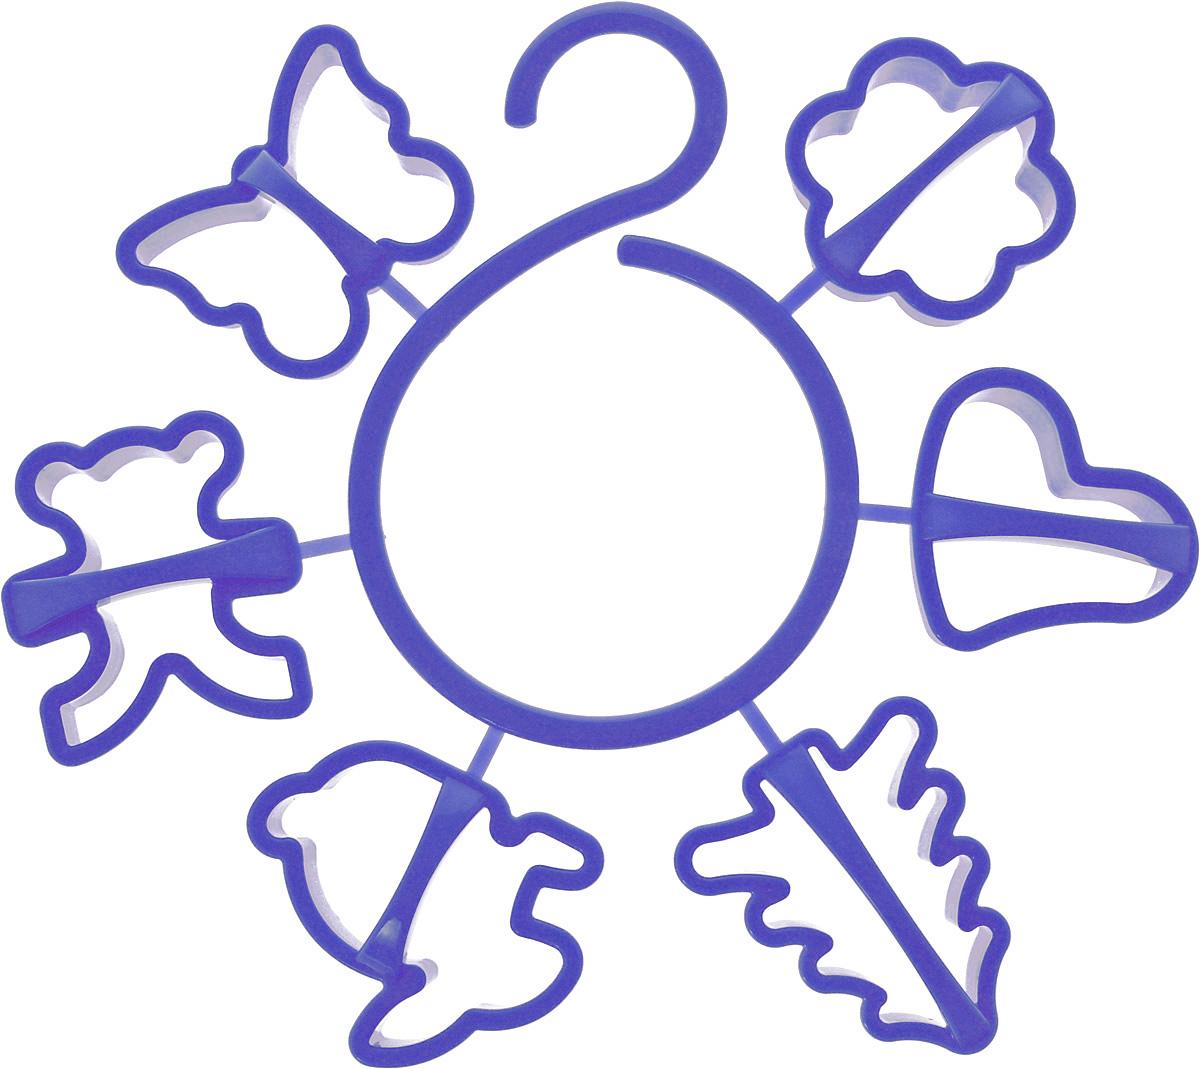 Набор форм для печенья Idea, цвет: синий, 6 штМ 1202_синийНабор Idea состоит из 6 форм, выполненных из полипропилена. Формы предназначены для приготовления печенья оригинальных форм. Набор позволит приготовить выпечку по вашему любимому рецепту, но в оригинальном праздничном оформлении, которое придется по душе всей семье.Формочки прикреплены к пластиковому крючку, благодаря чему их можно повесить в любом удобном для вас месте. Средний размер форм: 6,5 х 6 х 1,5 см.